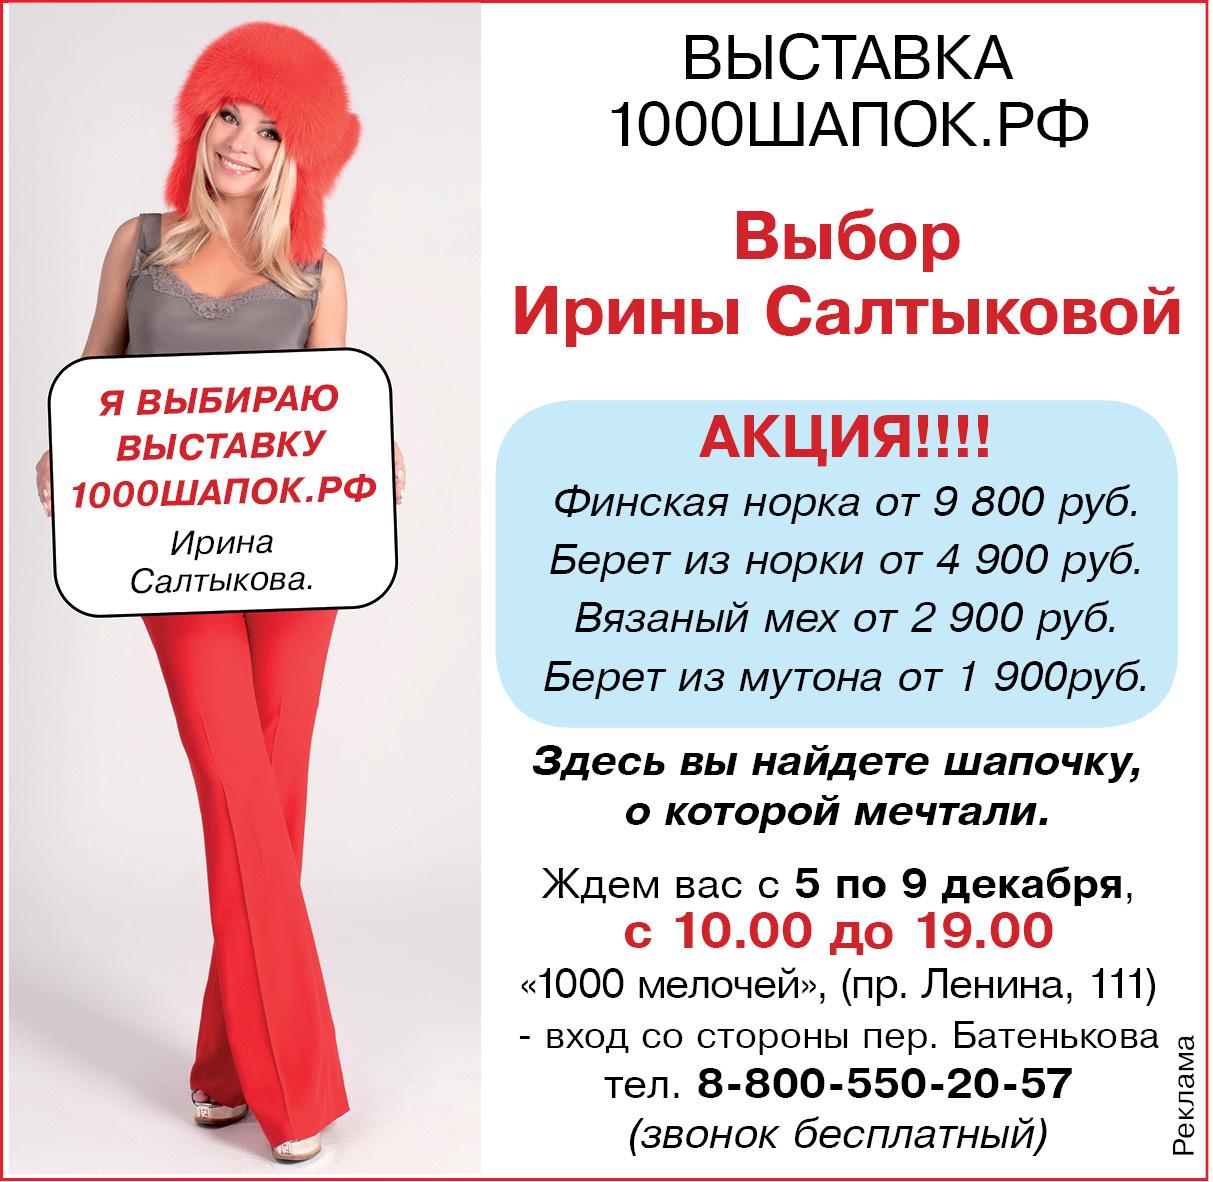 1000ШАПОК.РФ